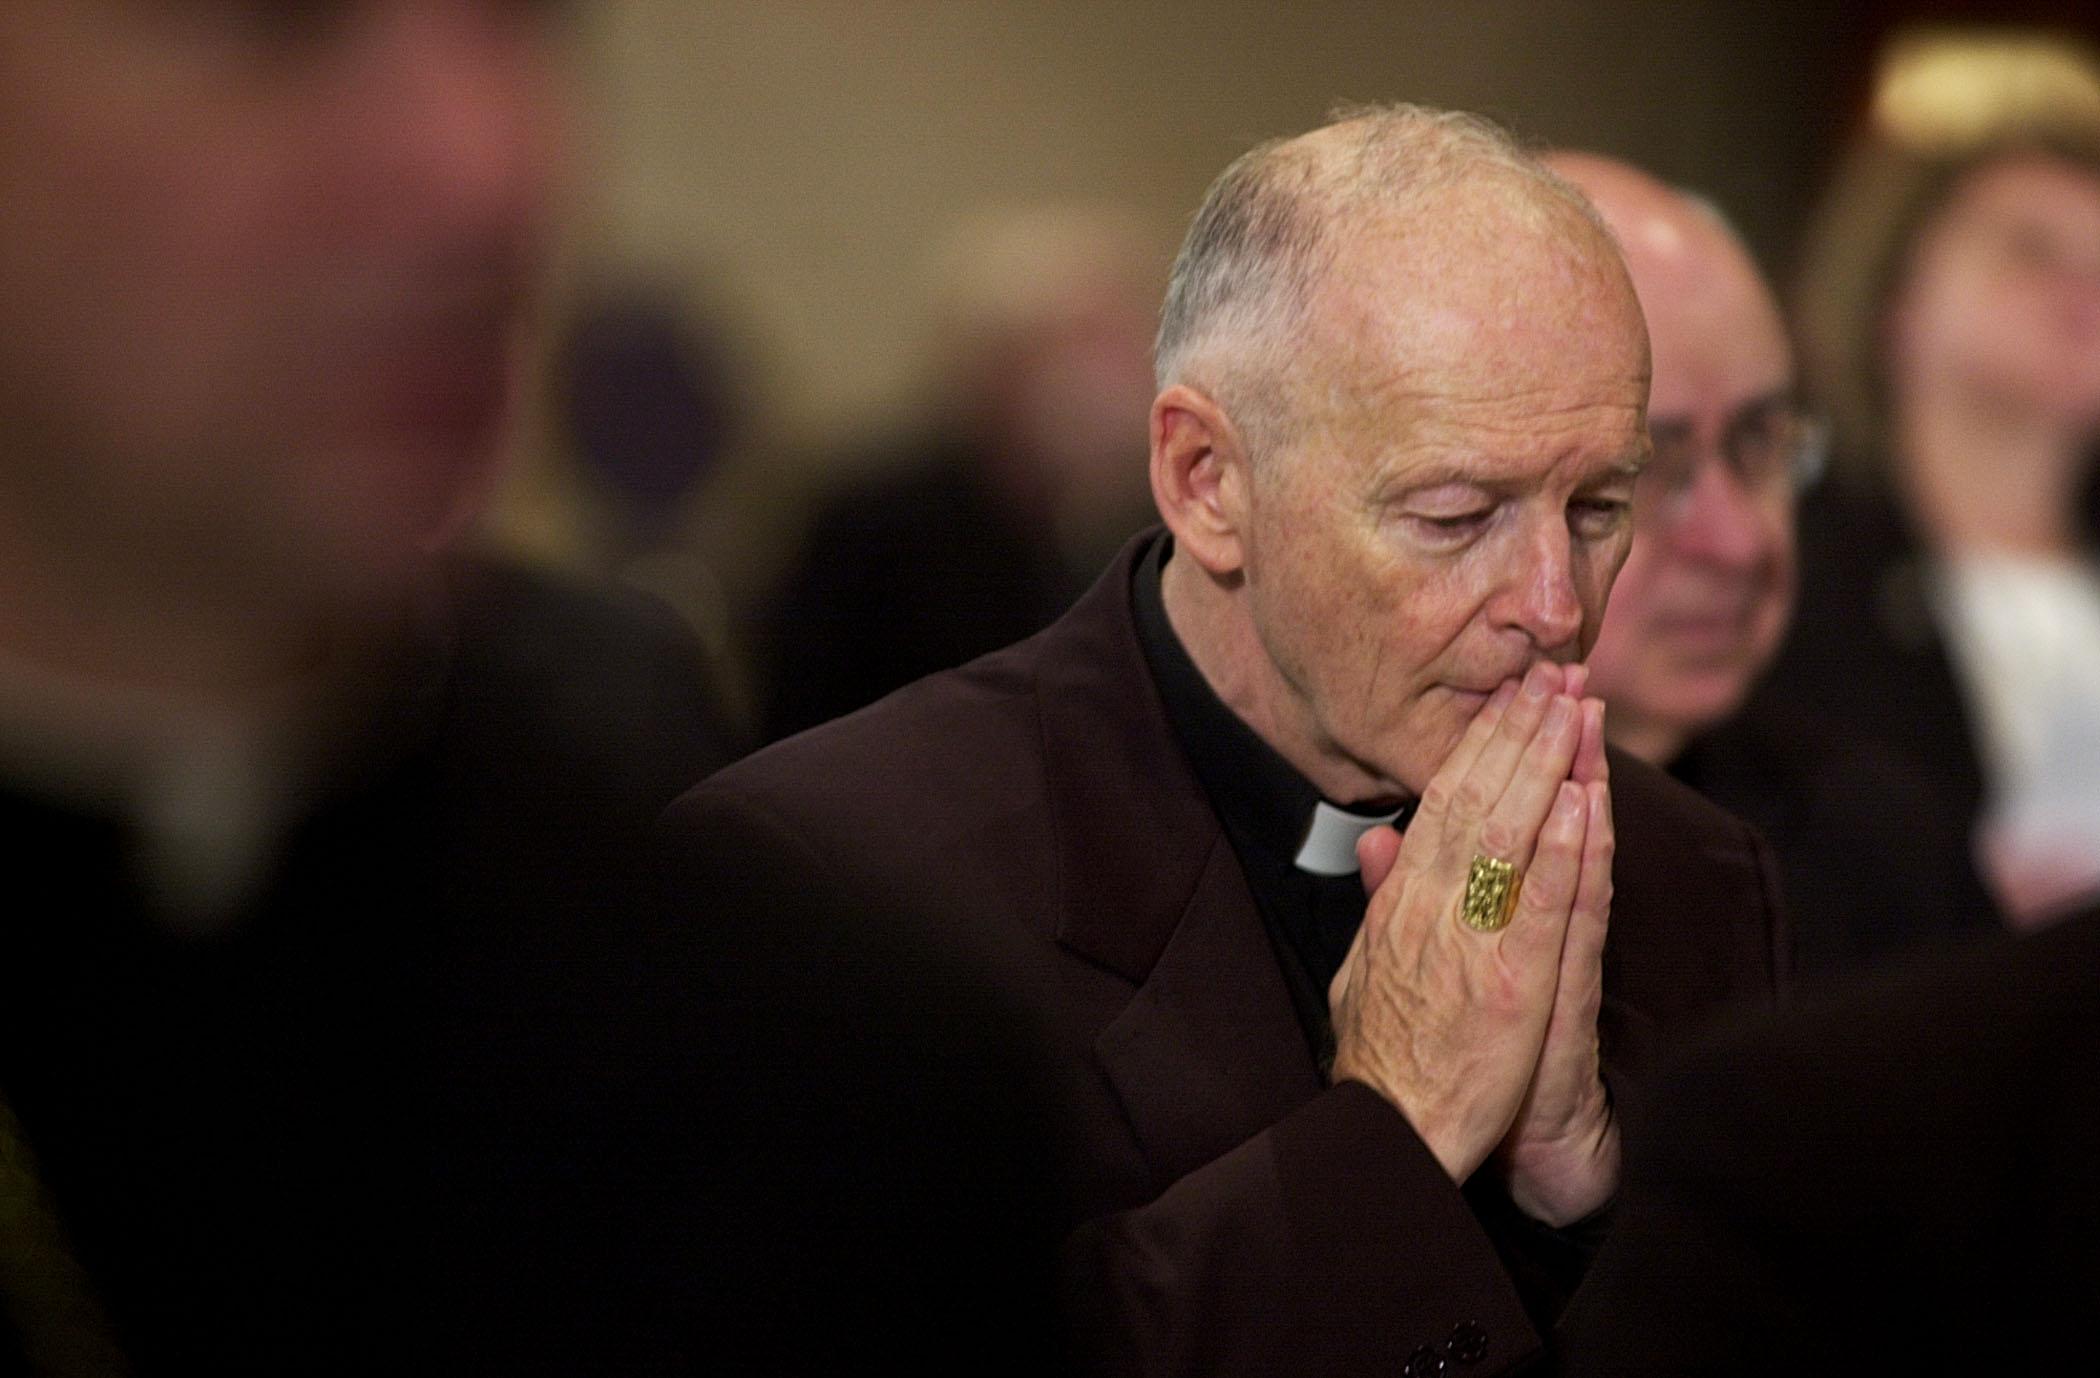 Adományaik visszatartásával büntetnék az amerikai katolikusok a szexbotrányok miatt az egyházat